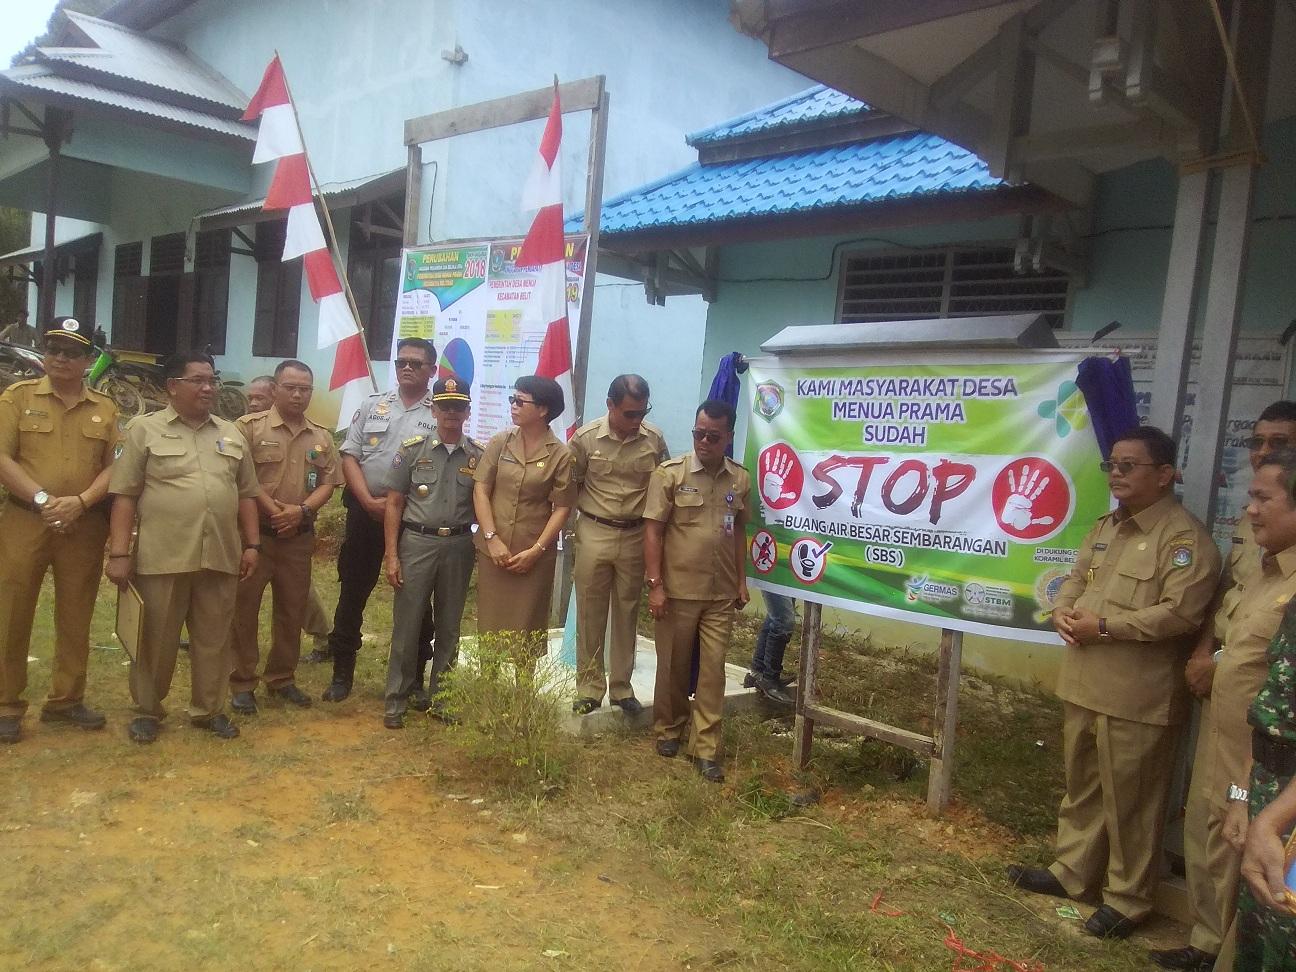 Pemkab Sekadau Deklarasi BABS di Desa Menua Prama